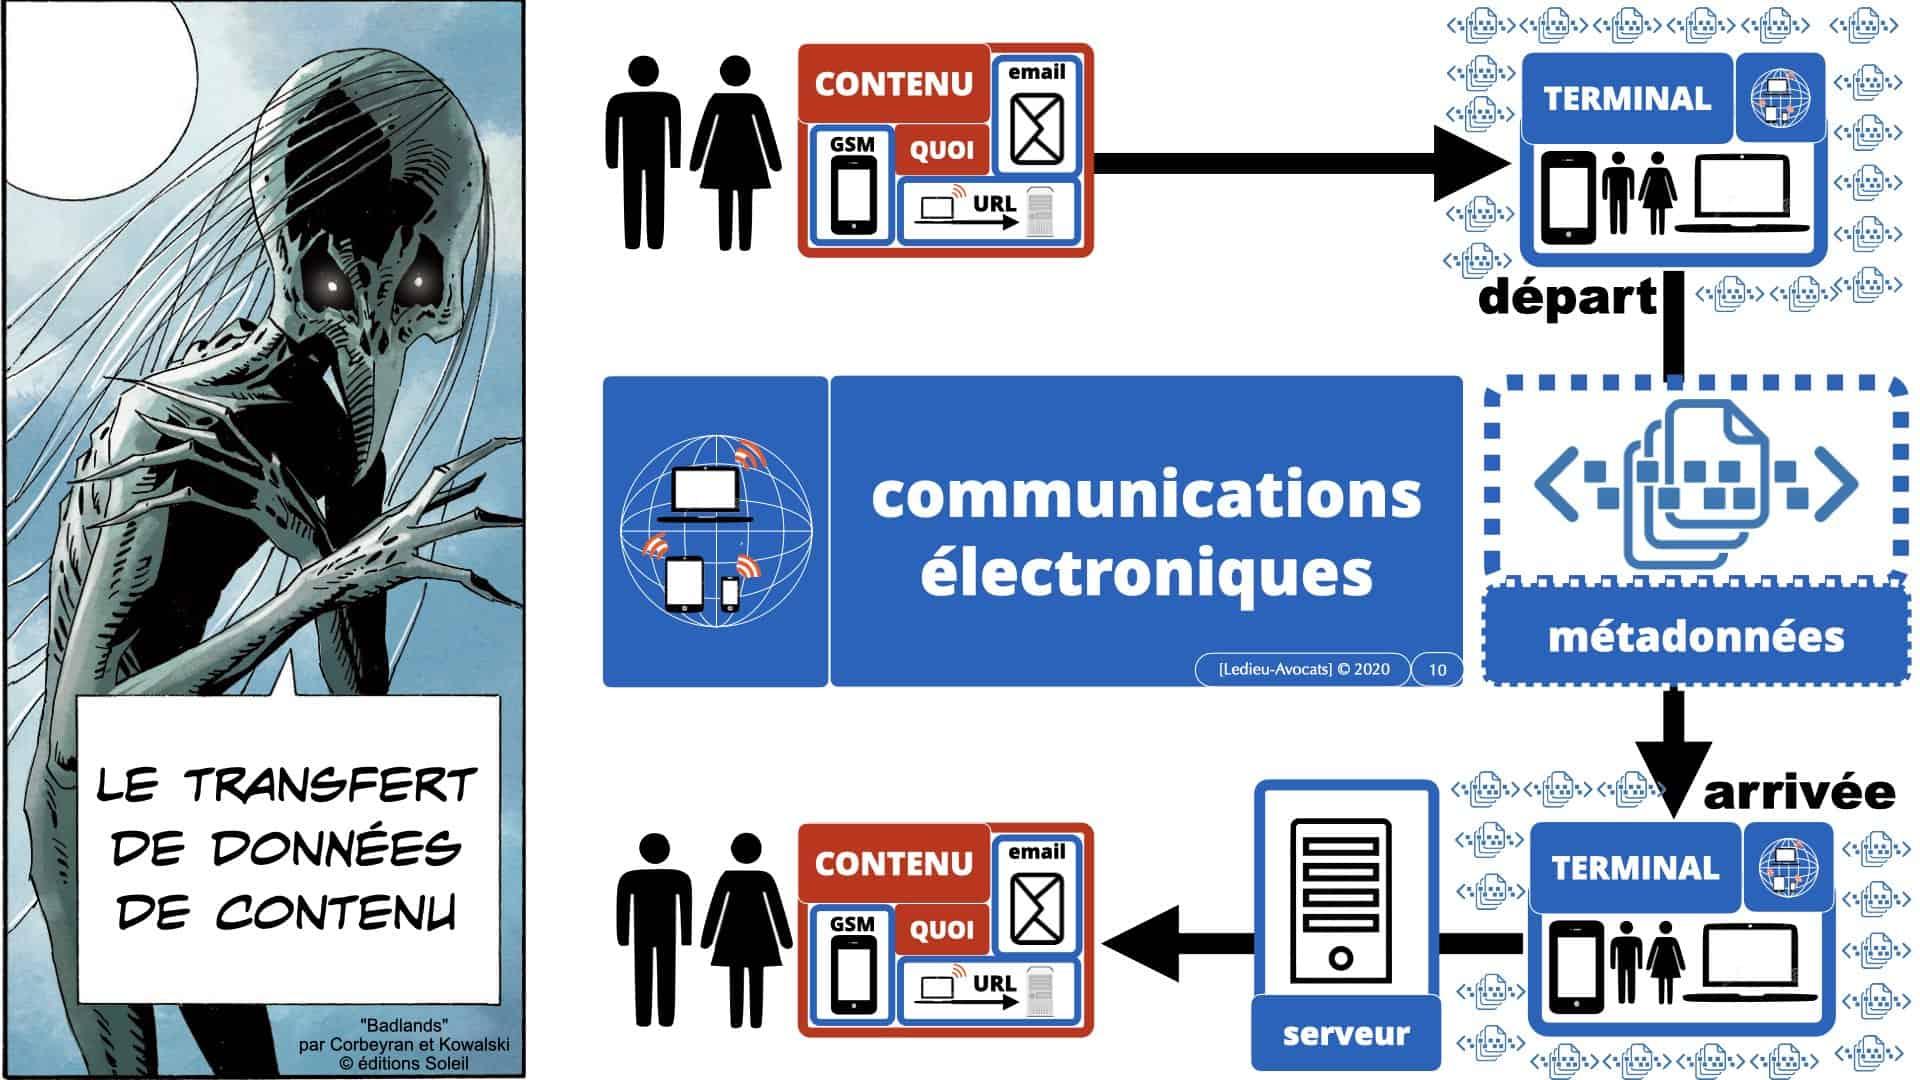 données de contenu ? dans l'enveloppe. Métadonnées . des données sur l'enveloppe contenant le message !